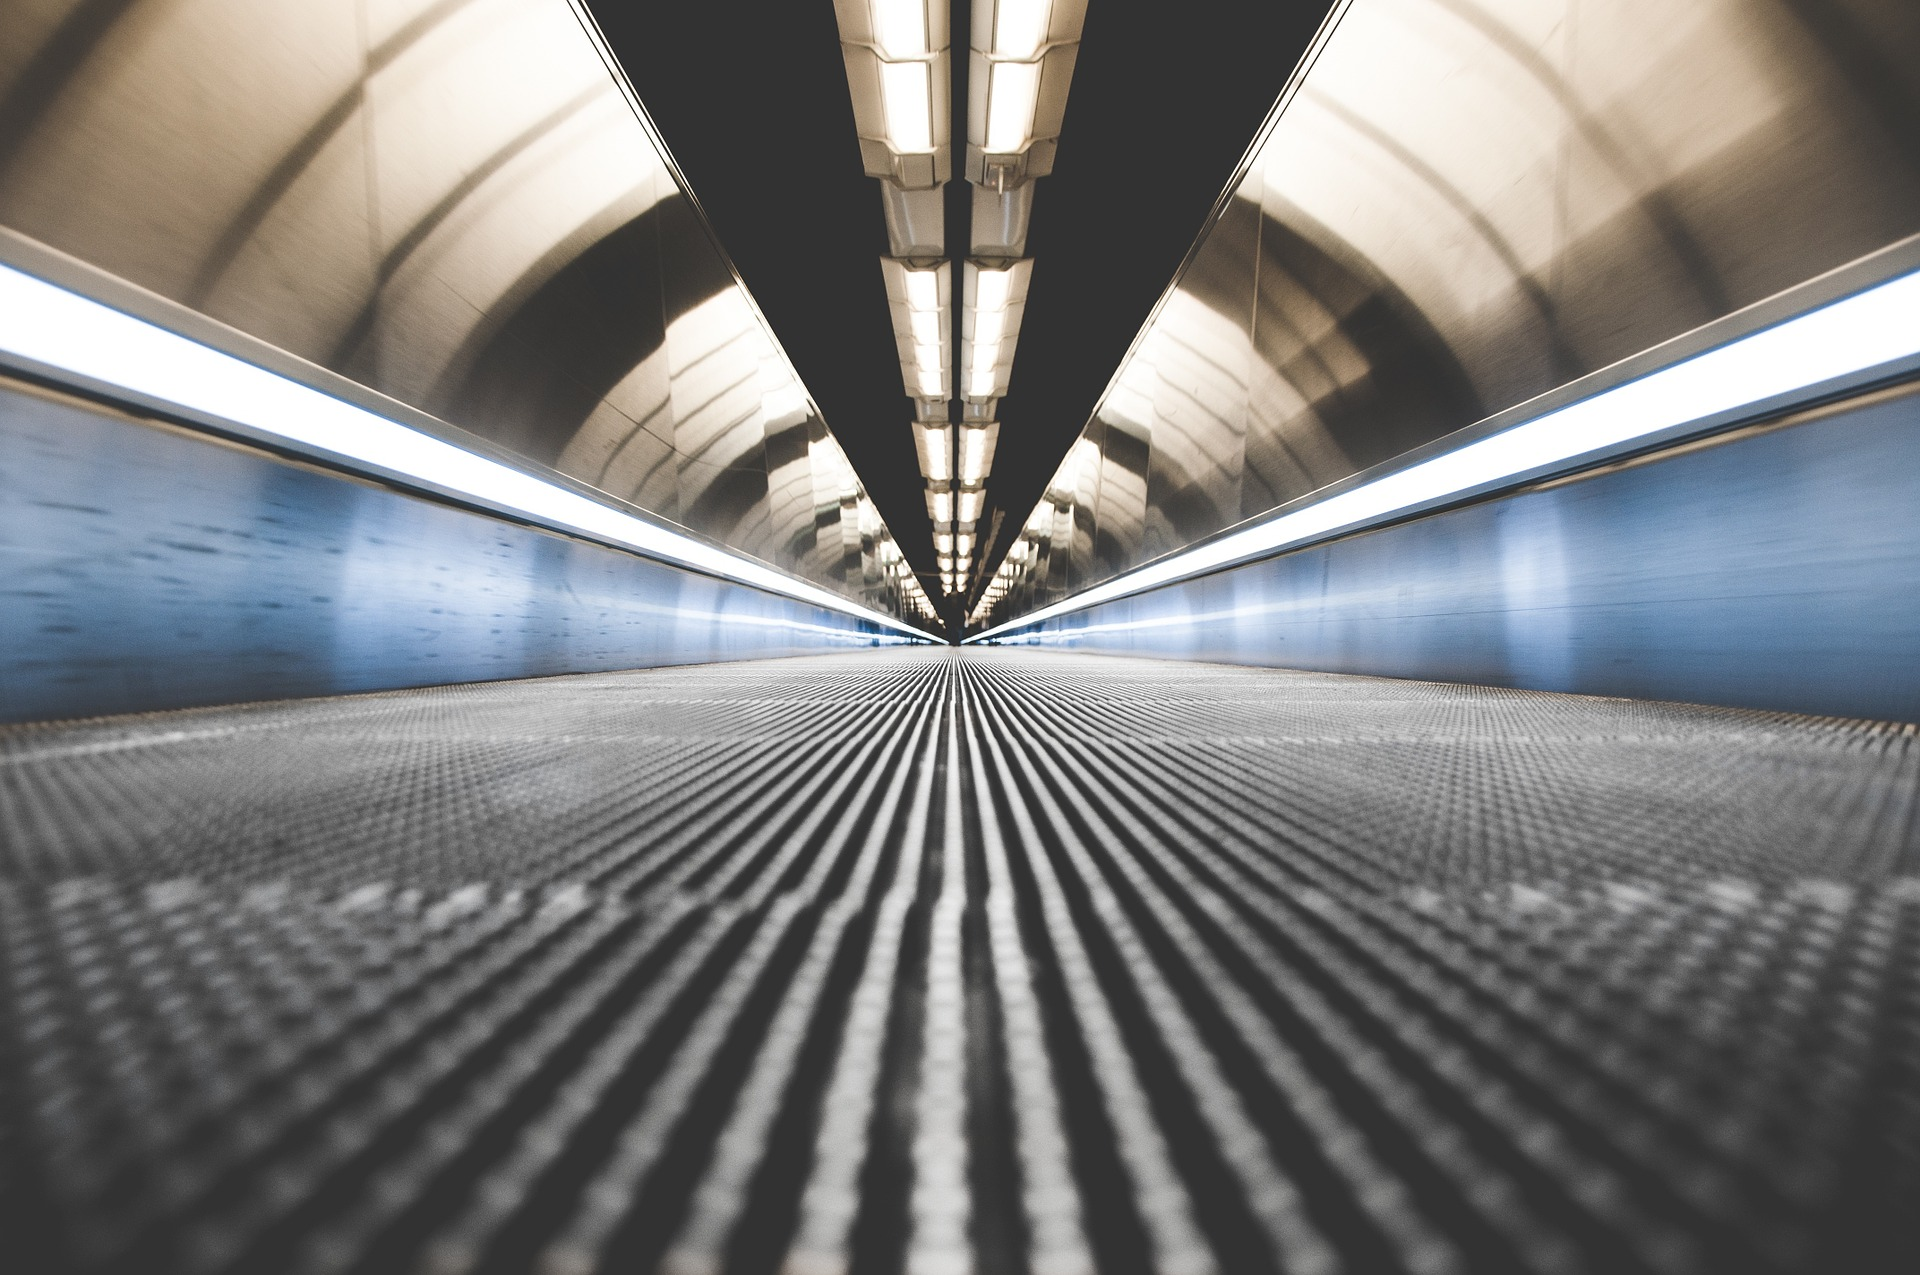 Redacción del estudio de viabilidad y alternativas de un trazado ferroviario entre la terminal multimodal de Jundiz y aeropuerto de Foronda.